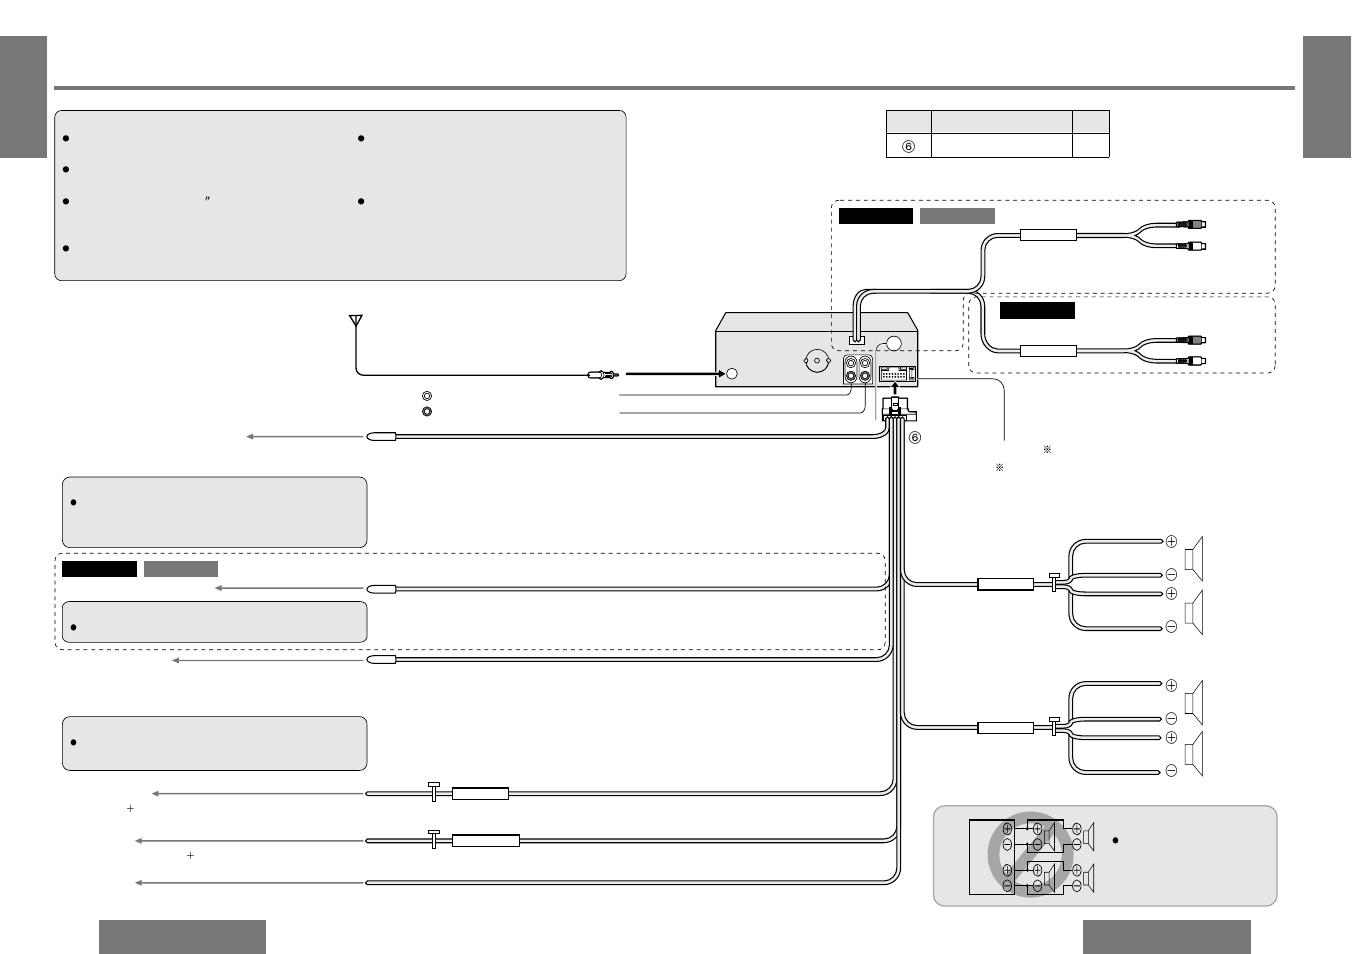 panasonic cq rx100u wiring diagram xlr trs cable df583u 34